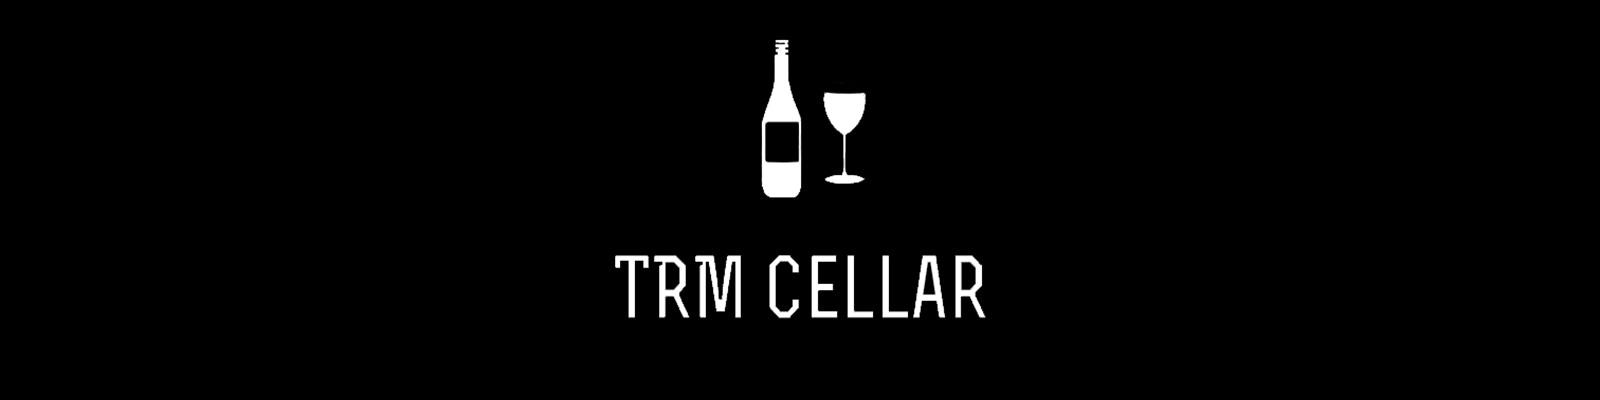 TRM Cellar